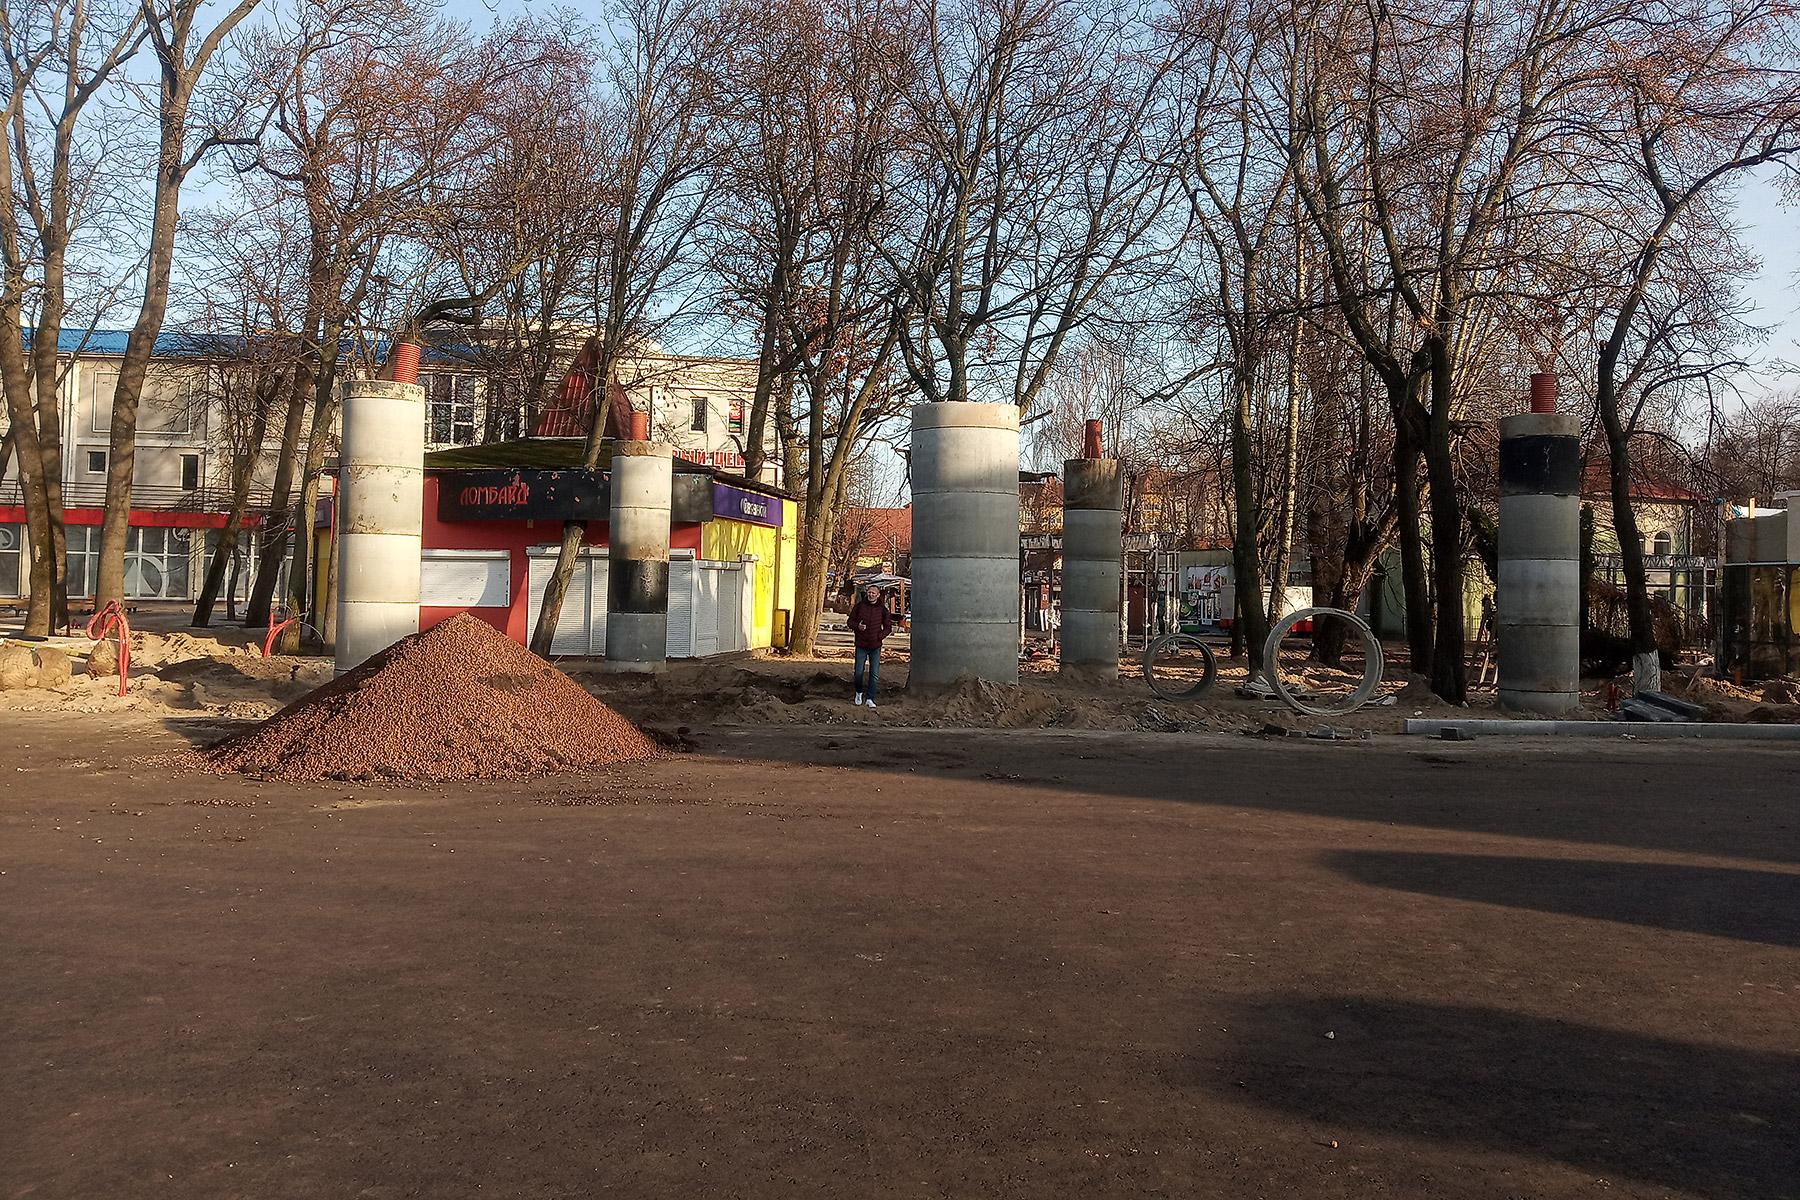 Привокзальная площадь Зеленоградска 17 ноября 2019 г.